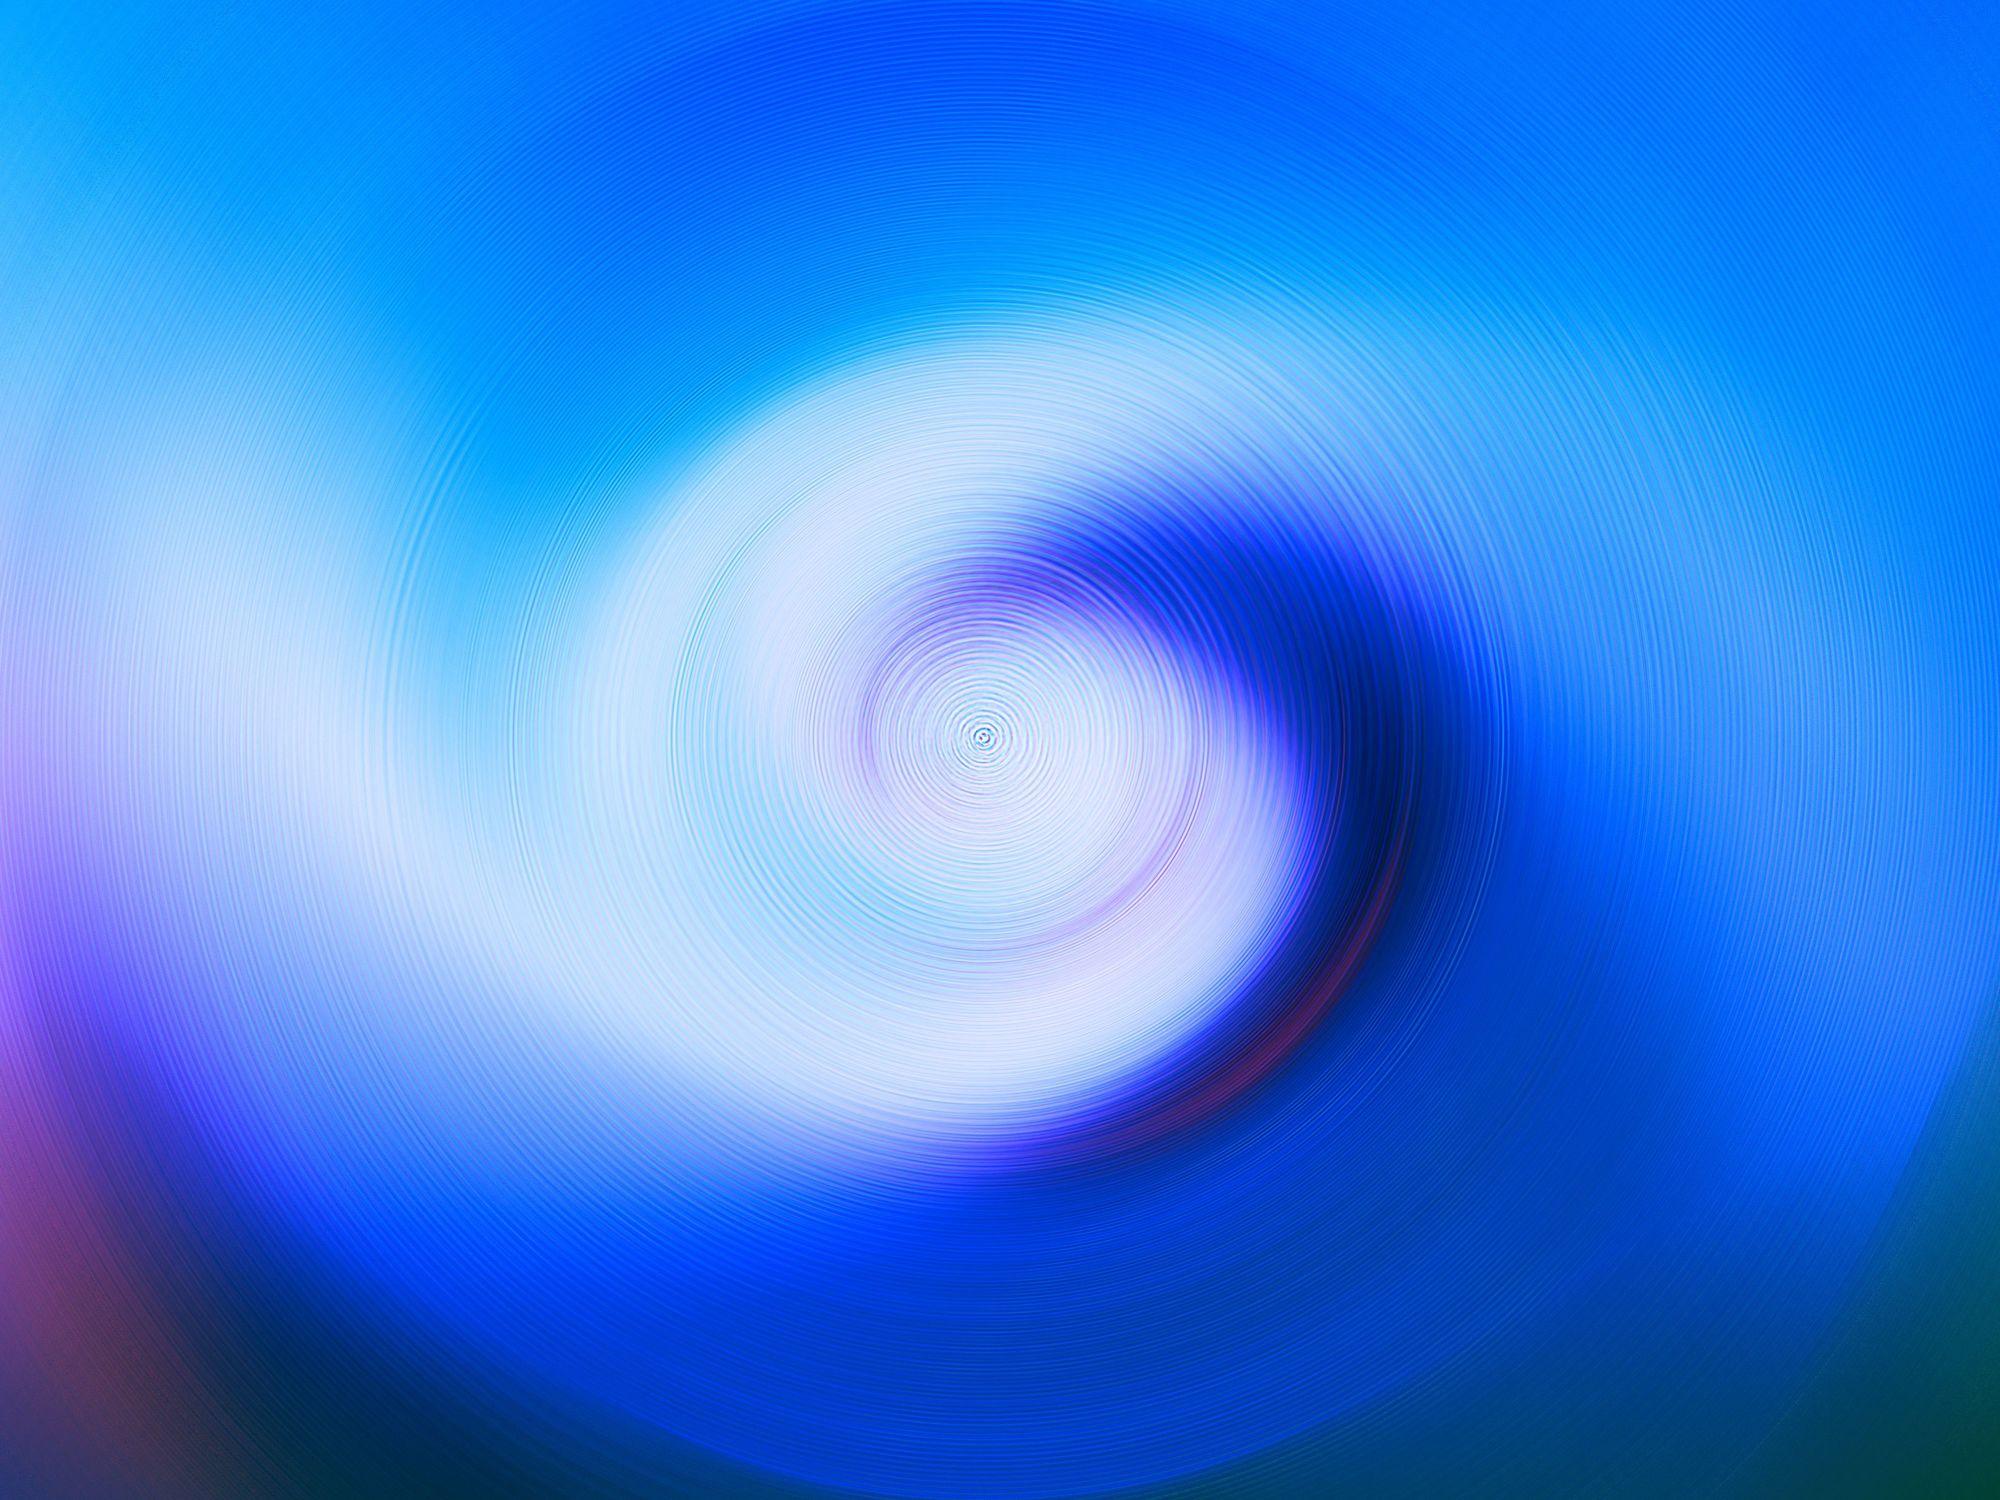 Bild mit Farben, Natur, Elemente, Wasser, Landschaften, Himmel, Gewässer, Lila, Violett, Brandung, Wellen, Blau